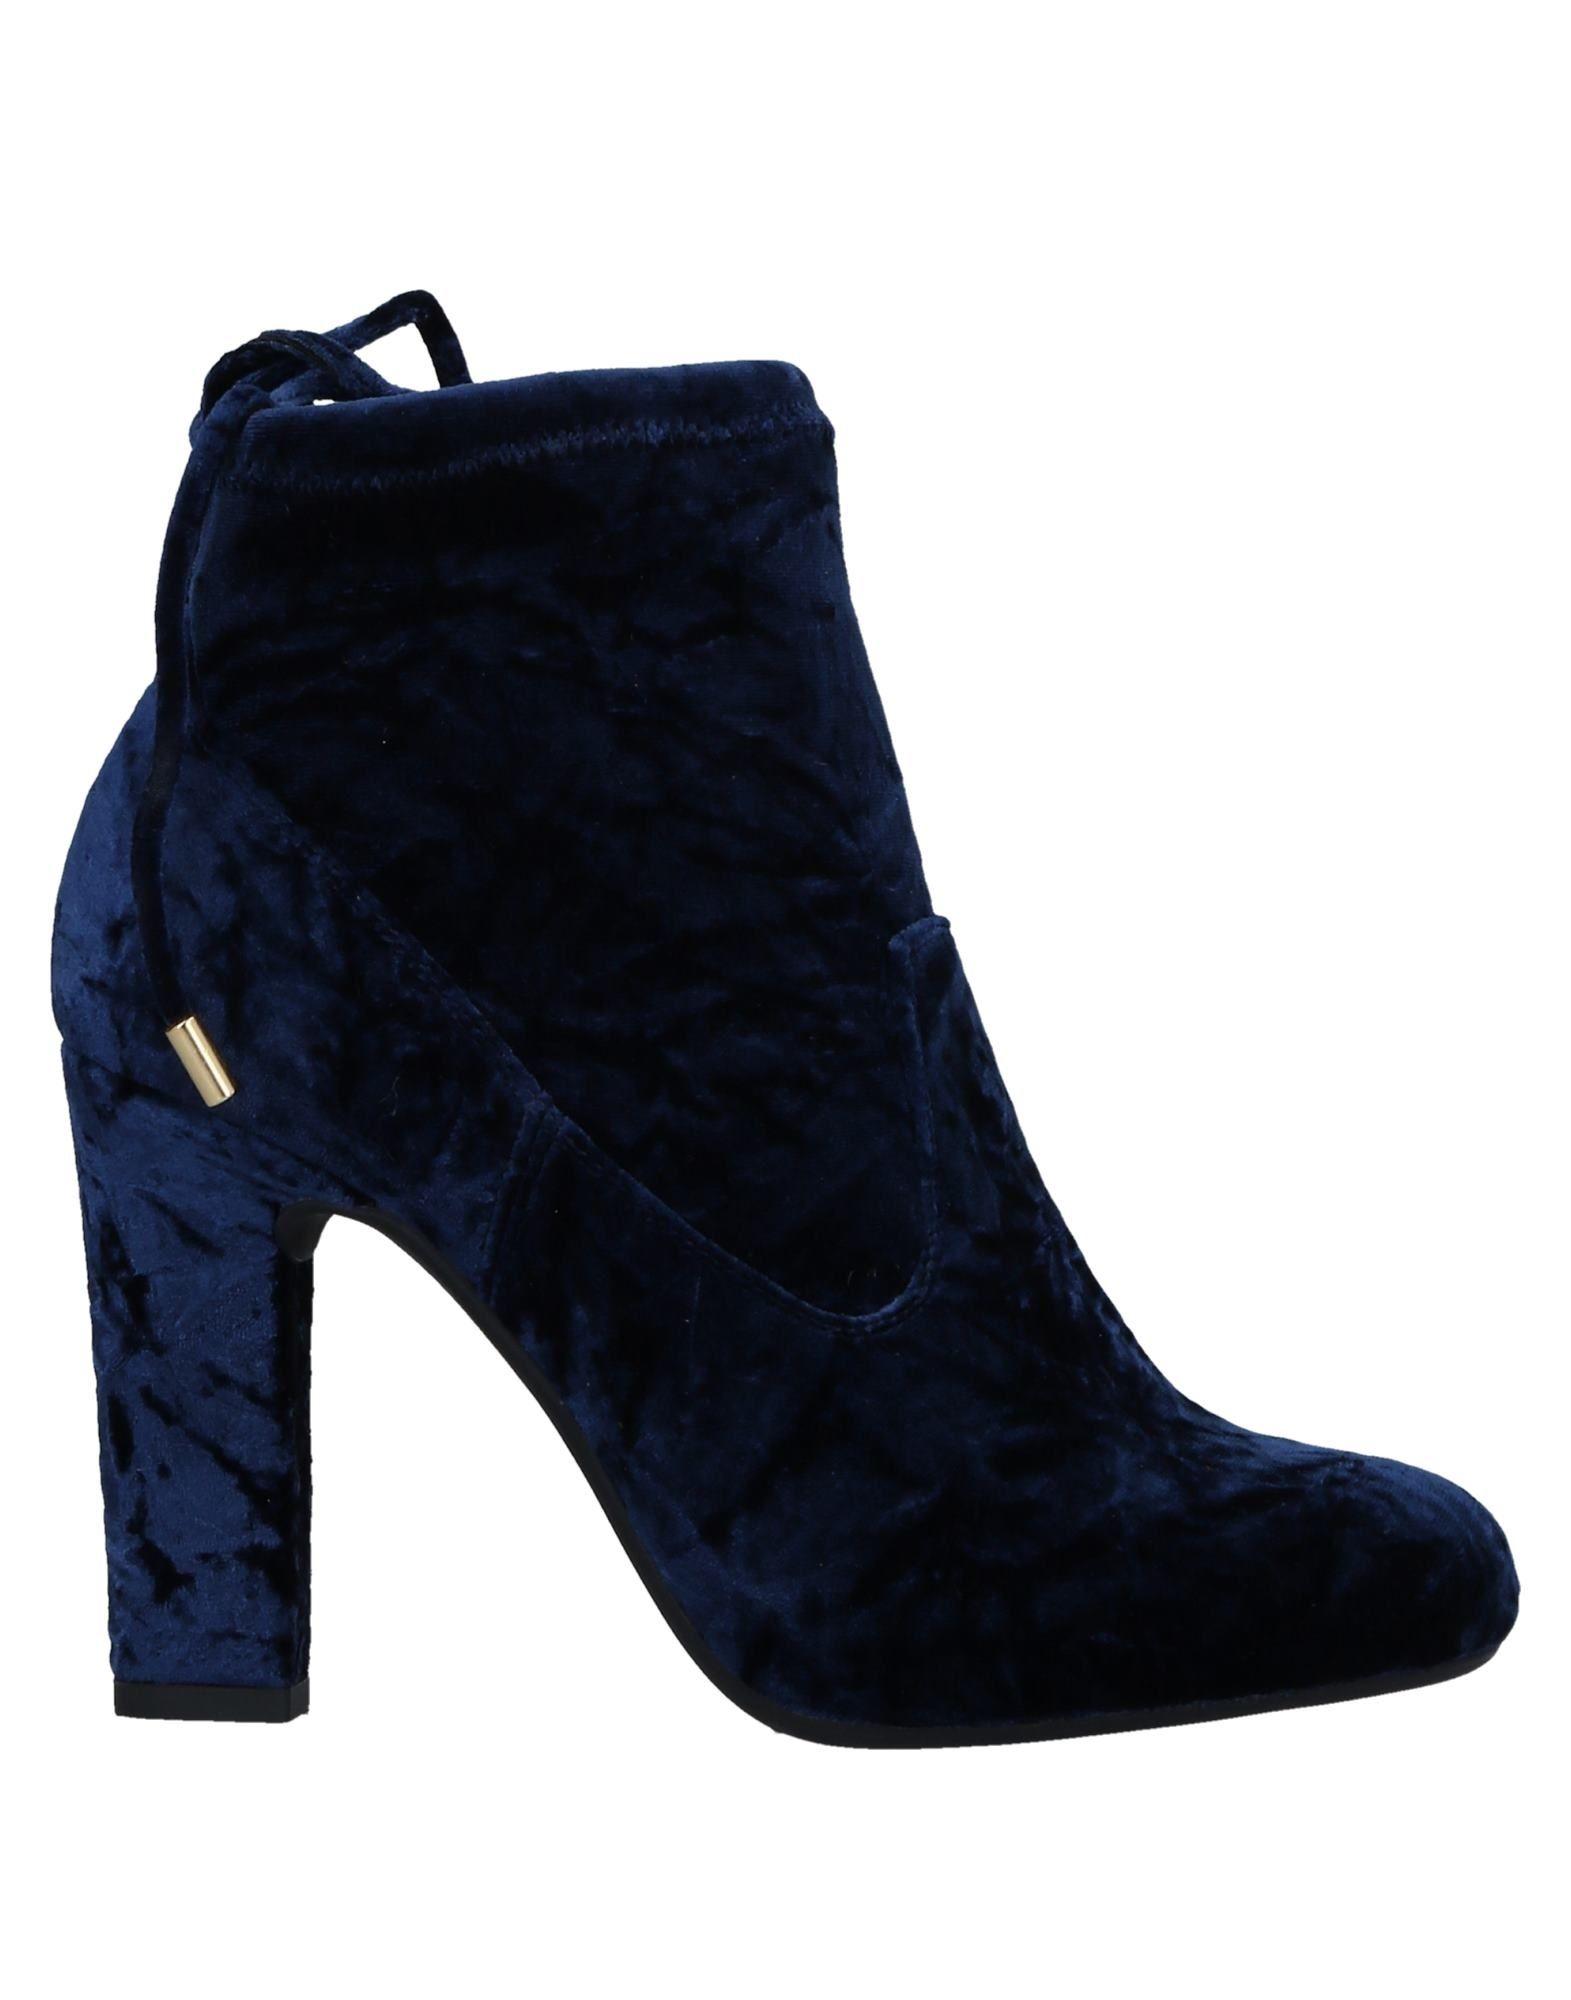 Unisa Stiefelette Damen  11516712KT Gute Qualität beliebte Schuhe